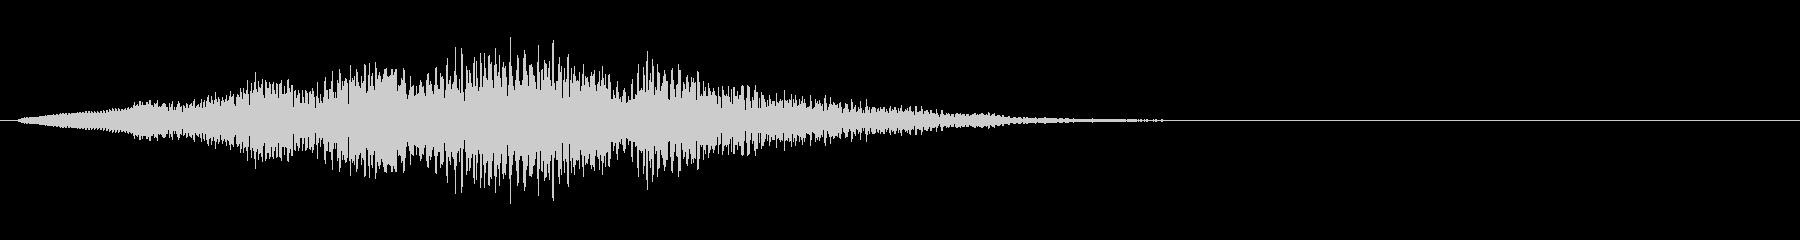 不安・テロップ・通知やアクション8bの未再生の波形